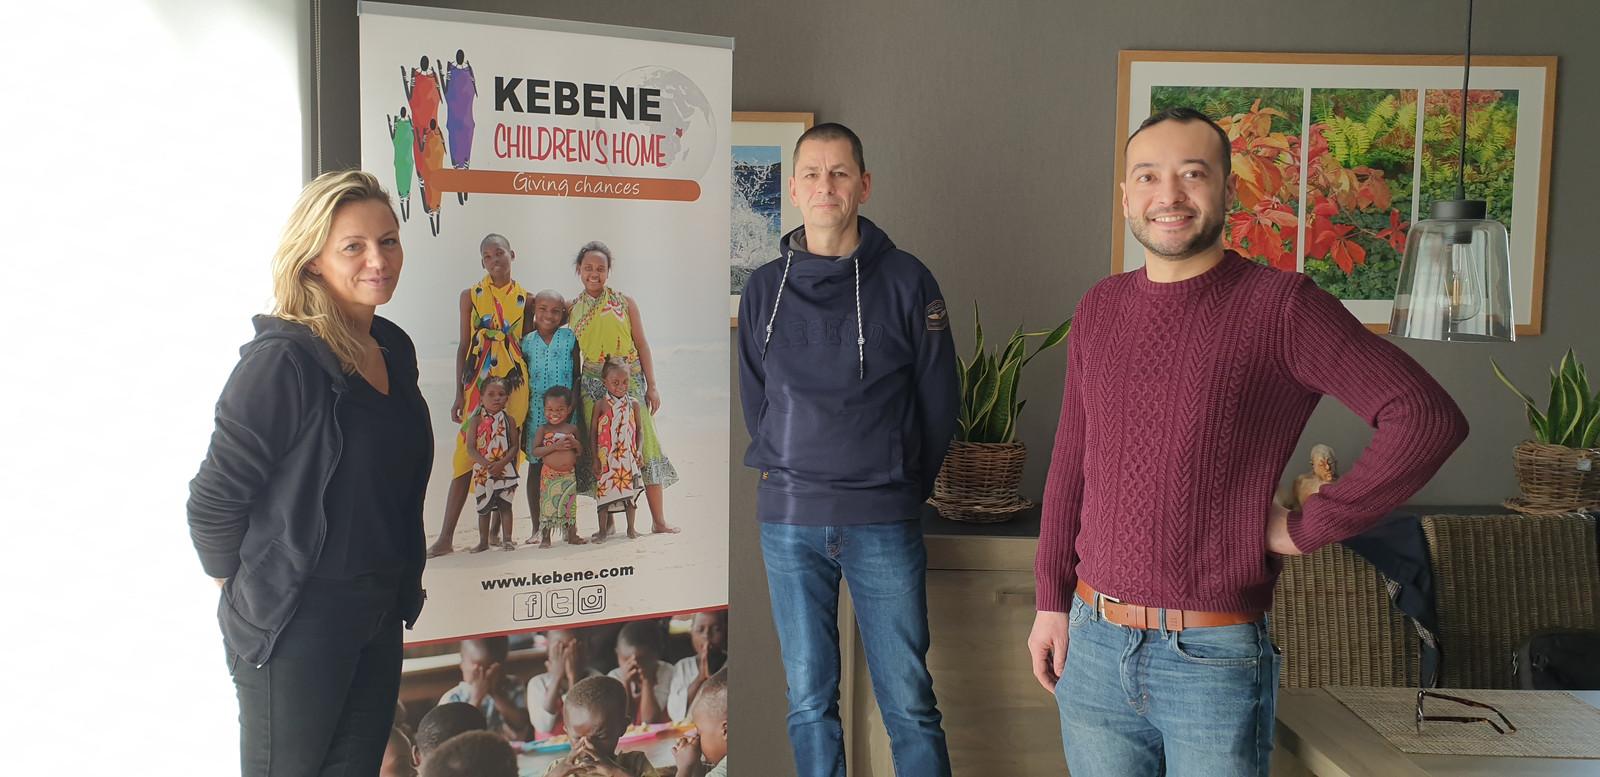 Het bestuur van Kebene Mechelen, met Sylvie Van Buyten, Alain Pardon en Jonasz Nunes.